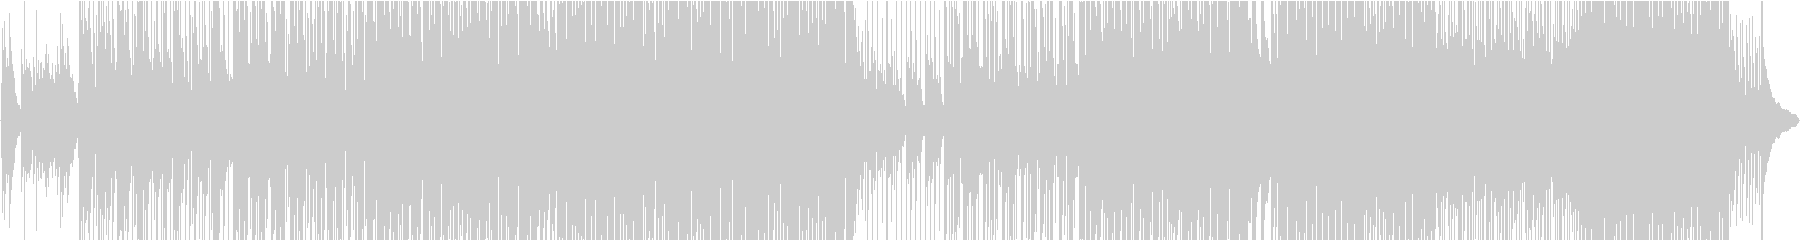 アコースティックな和風メロディ楽曲の未再生の波形